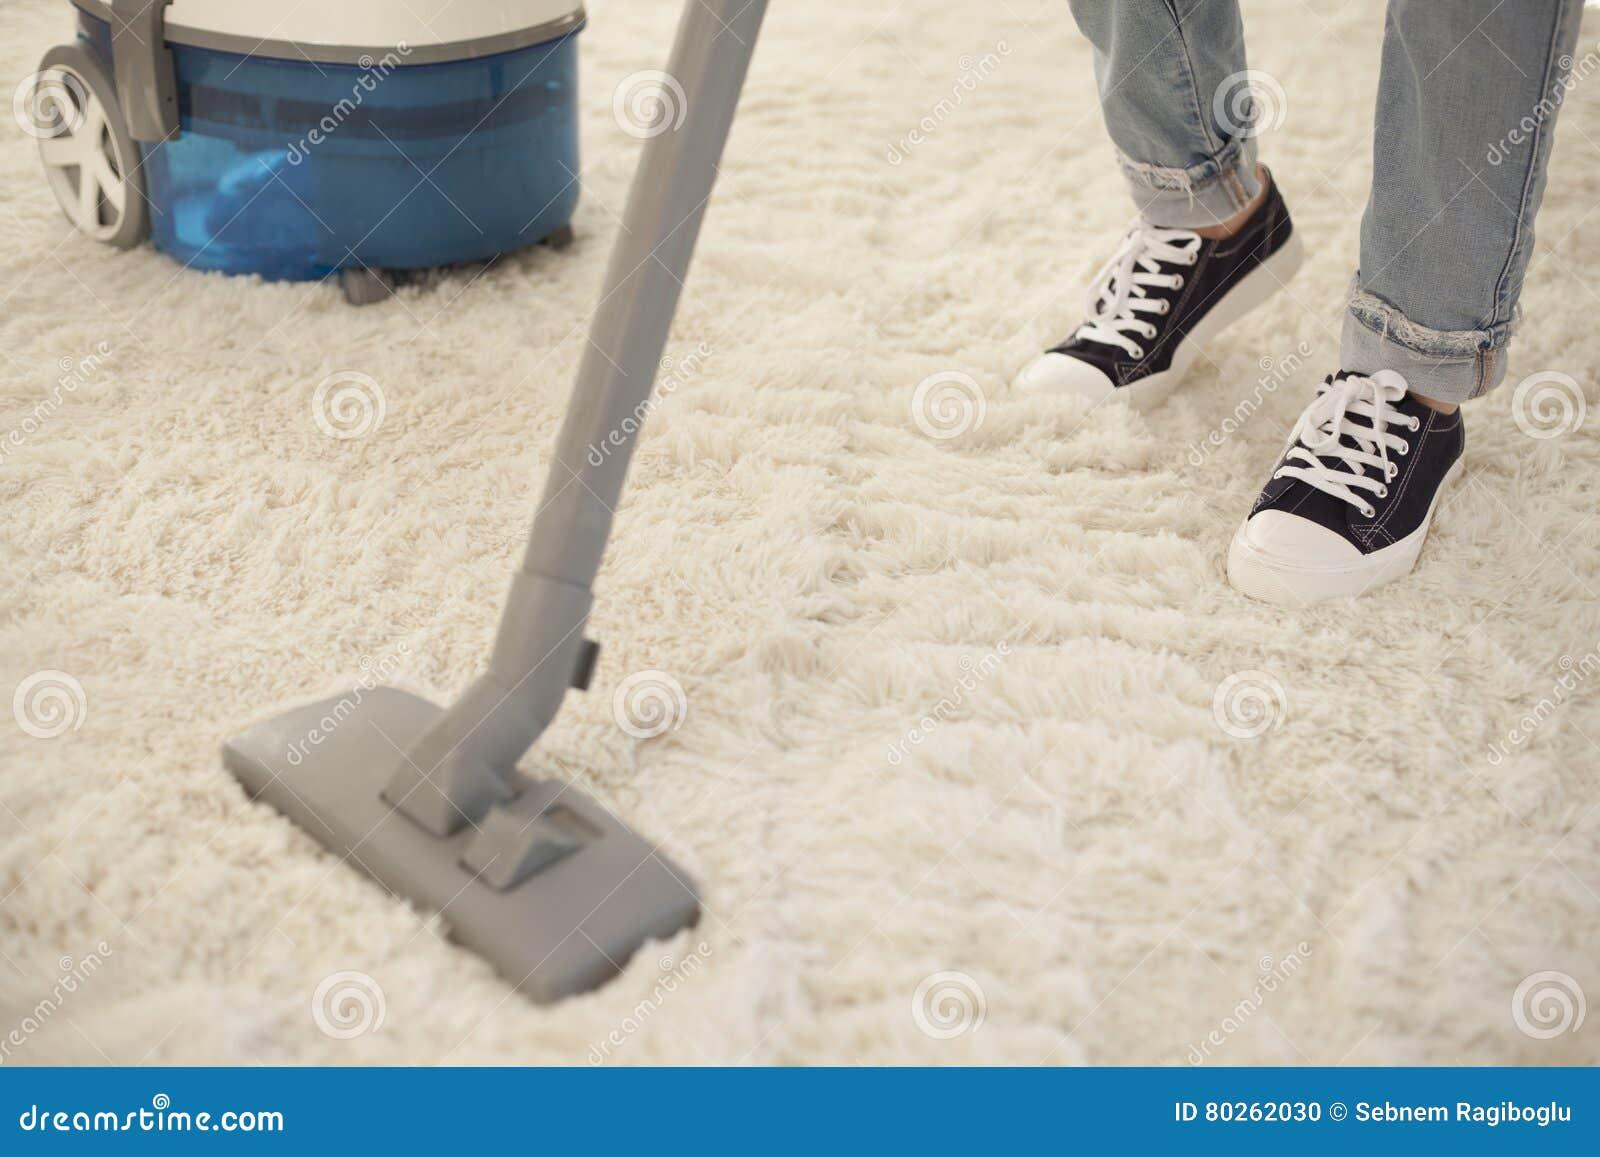 Καθαρίζοντας τάπητας γυναικών με μια ηλεκτρική σκούπα στο δωμάτιο